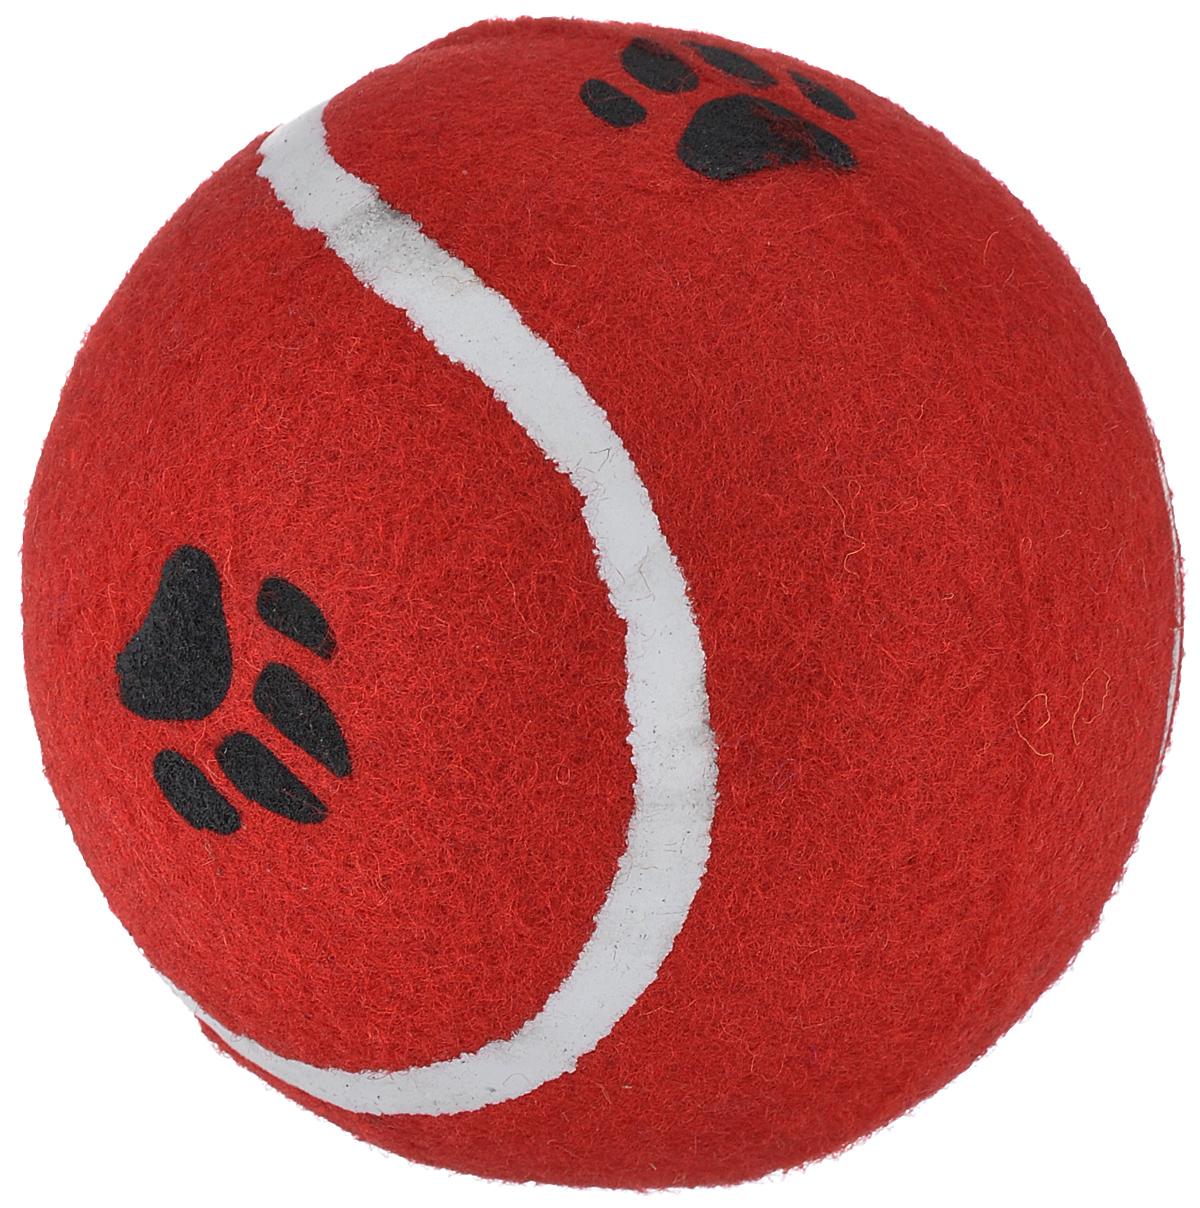 Игрушка для собак I.P.T.S. Мячик теннисный с отпечатками лап, цвет: красный, диаметр 10 см16211/625596_красныйИгрушка для собак I.P.T.S. изготовлена из прочной цветной резины с ворсистой поверхностью в виде теннисного мяча с отпечатками лап. Предназначена для игр с собакой любого возраста. Такая игрушка привлечет внимание вашего любимца и не оставит его равнодушным. Диаметр: 10 см.